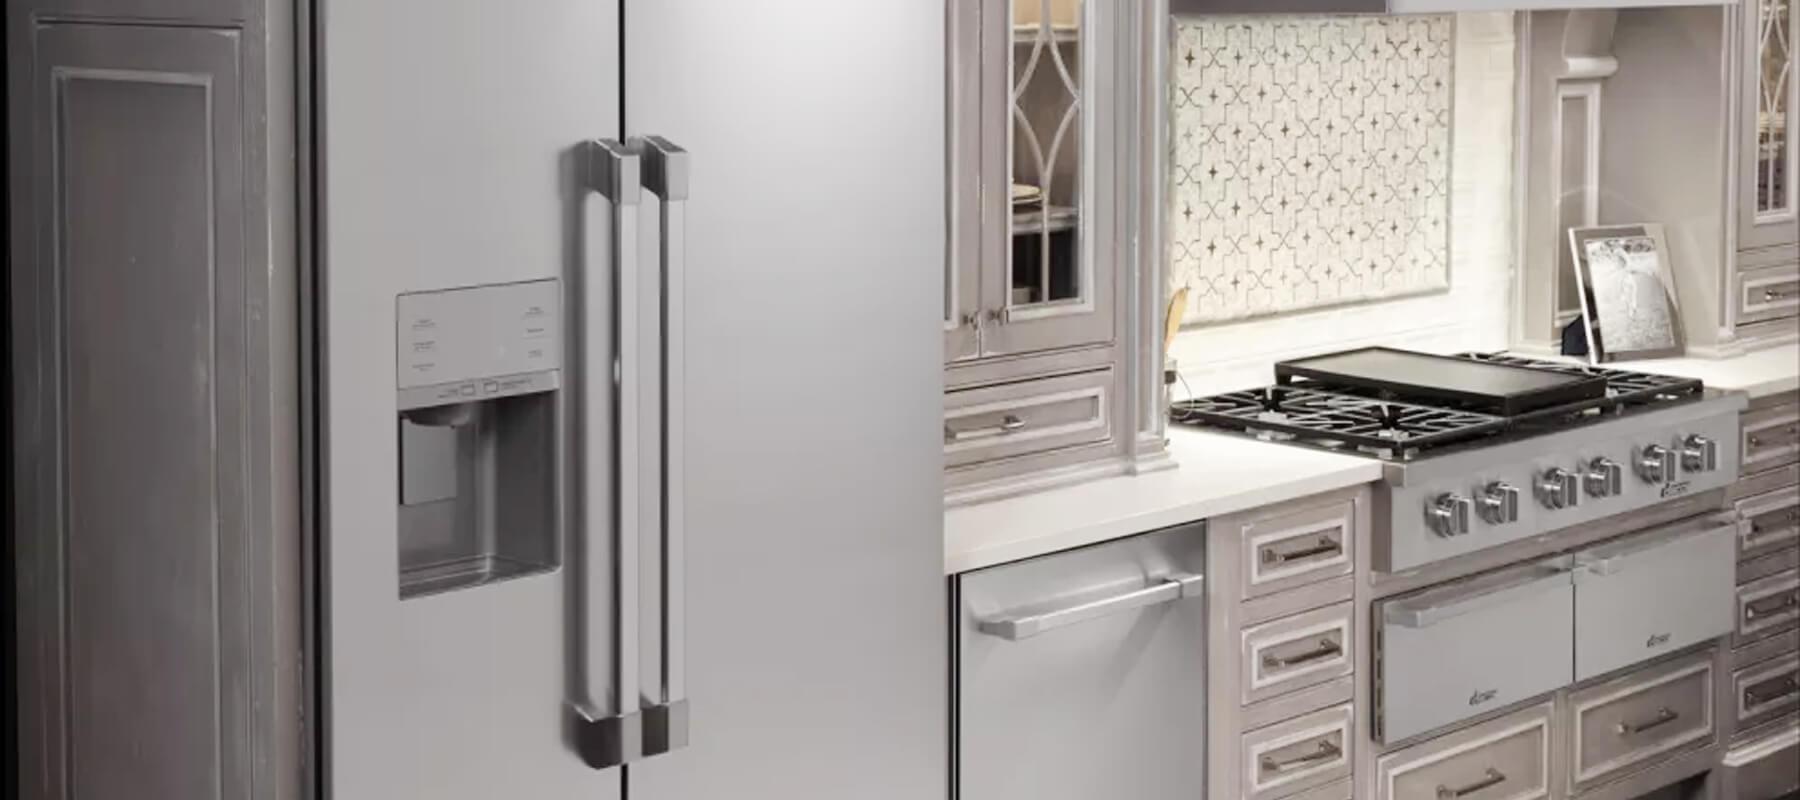 Dacor Built in Refrigerator Repair | Built in Refrigerator Repair Service